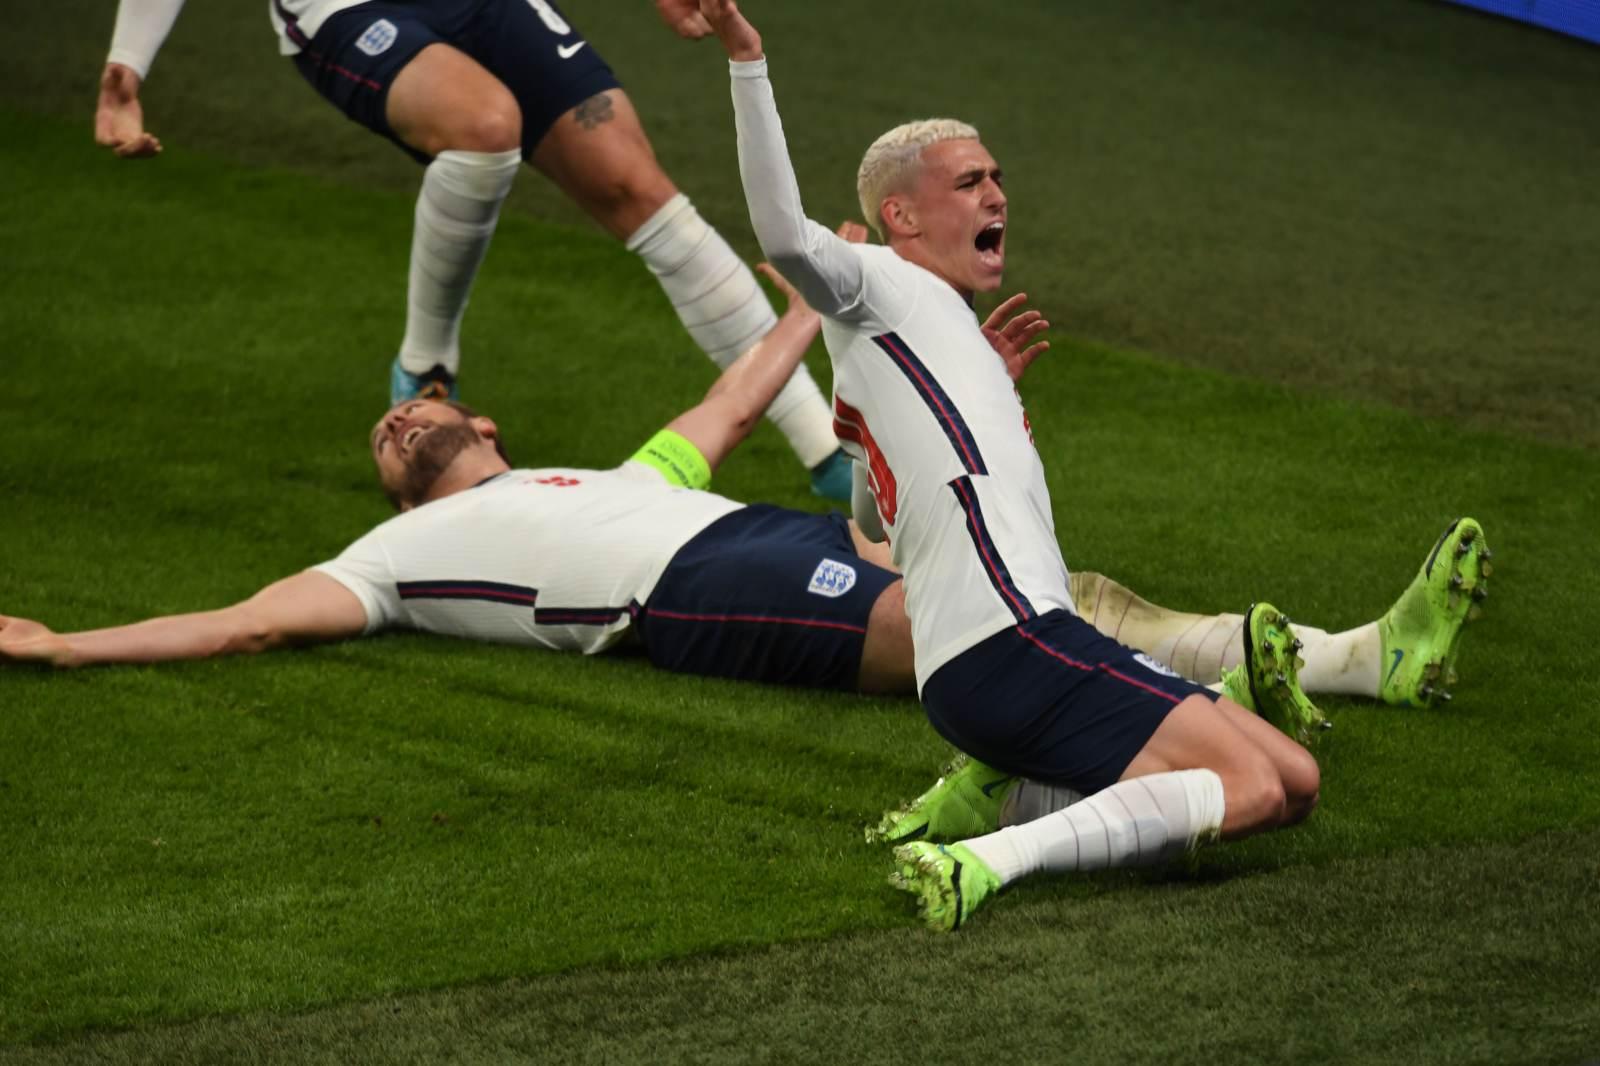 Футболисты сборной Англии станут блондинами в случае победы на Евро